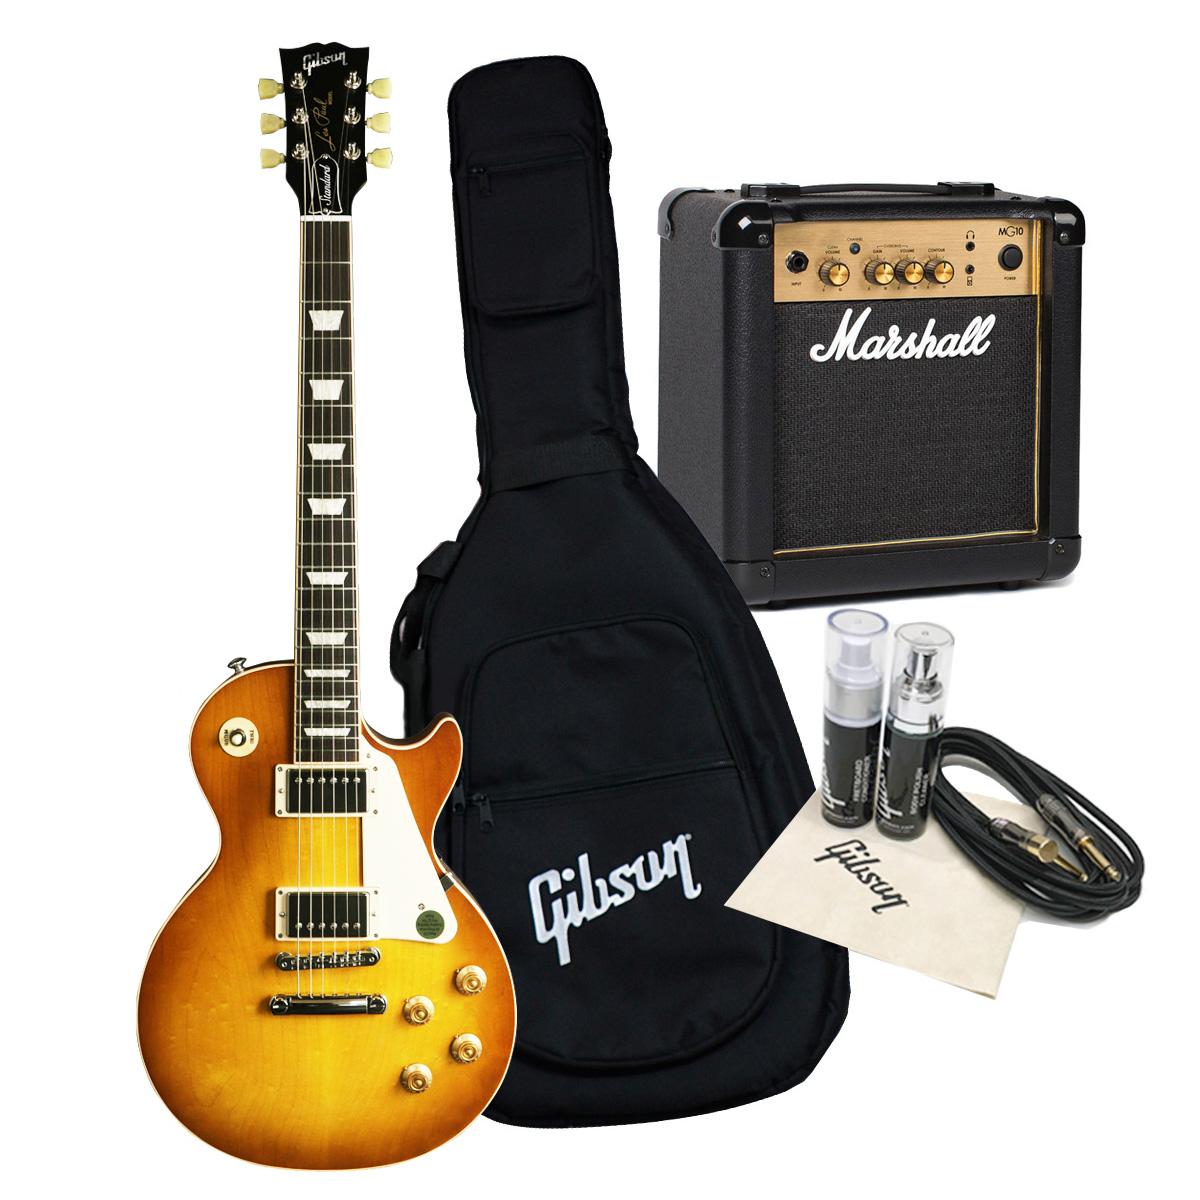 【タイムセール:18日12時まで】Gibson USA / Les Paul Standard 2019 Faded -WS Satin Honeyburst 60s Marshall MG10ampアクセサリーセット《特典付/80-set21419》《特製Marshallロゴアクリルキーホルダー/+811170600》【WEBSHOP】《純正ギグバッグ/+811171500》